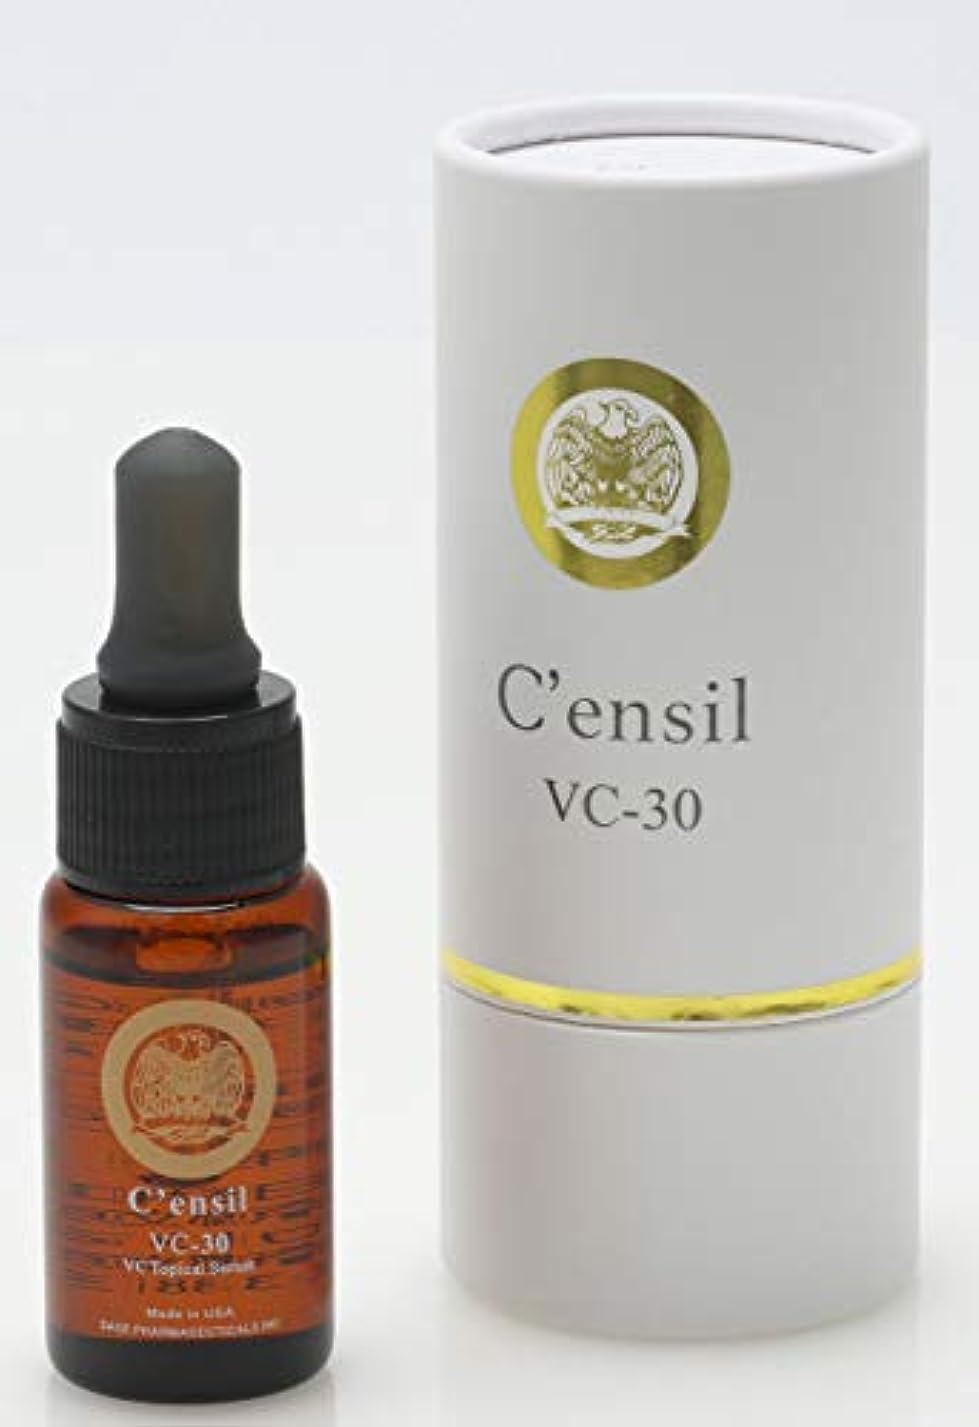 練る中央人工センシル C'ensil VC-30:12ml (美容液)